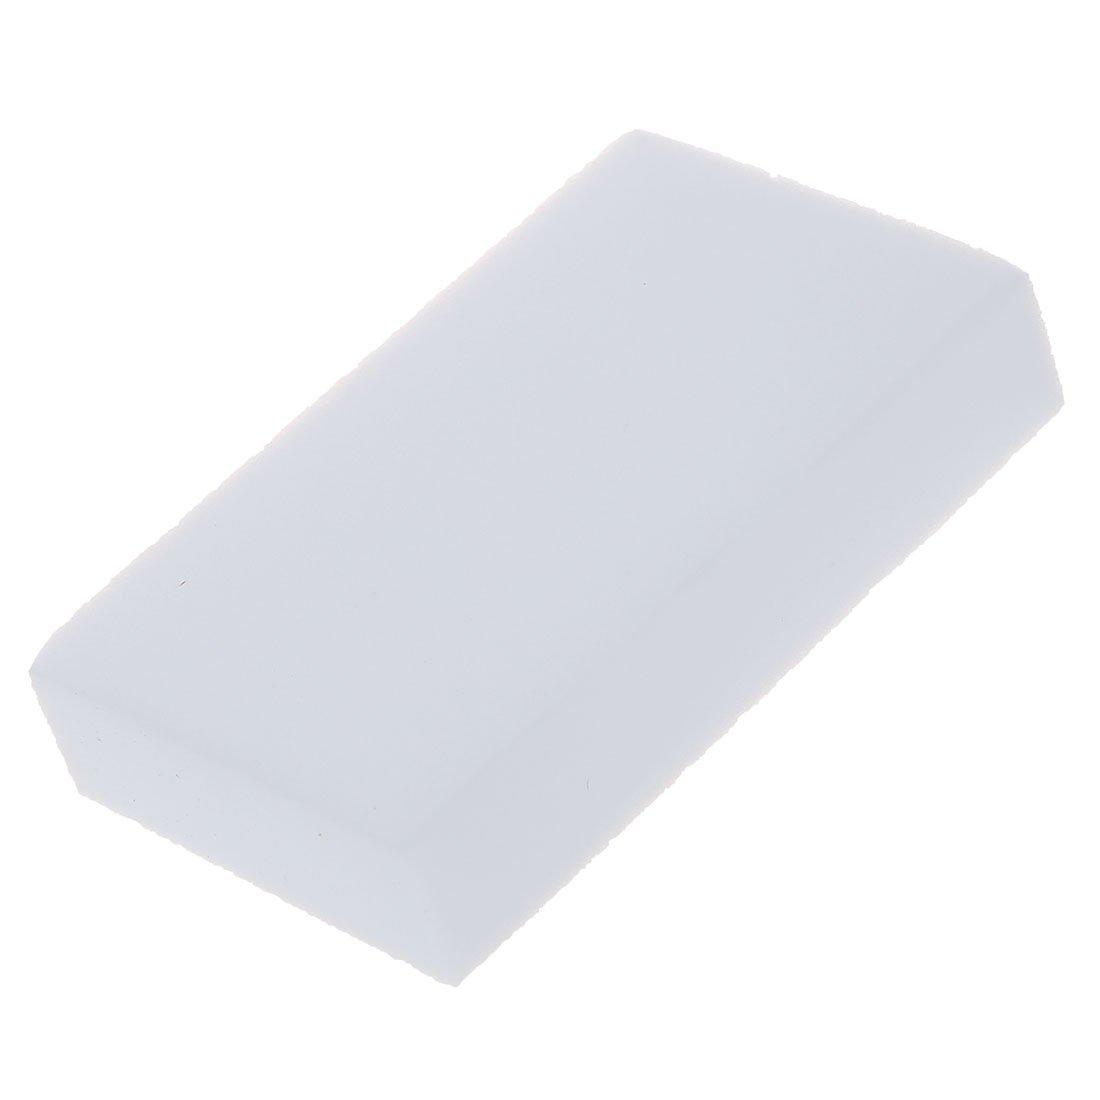 WOVELOT R 100x60x20mm 10pcs Eponge Magique Gomme a Effacer Melamine Nettoyeur-Blanc